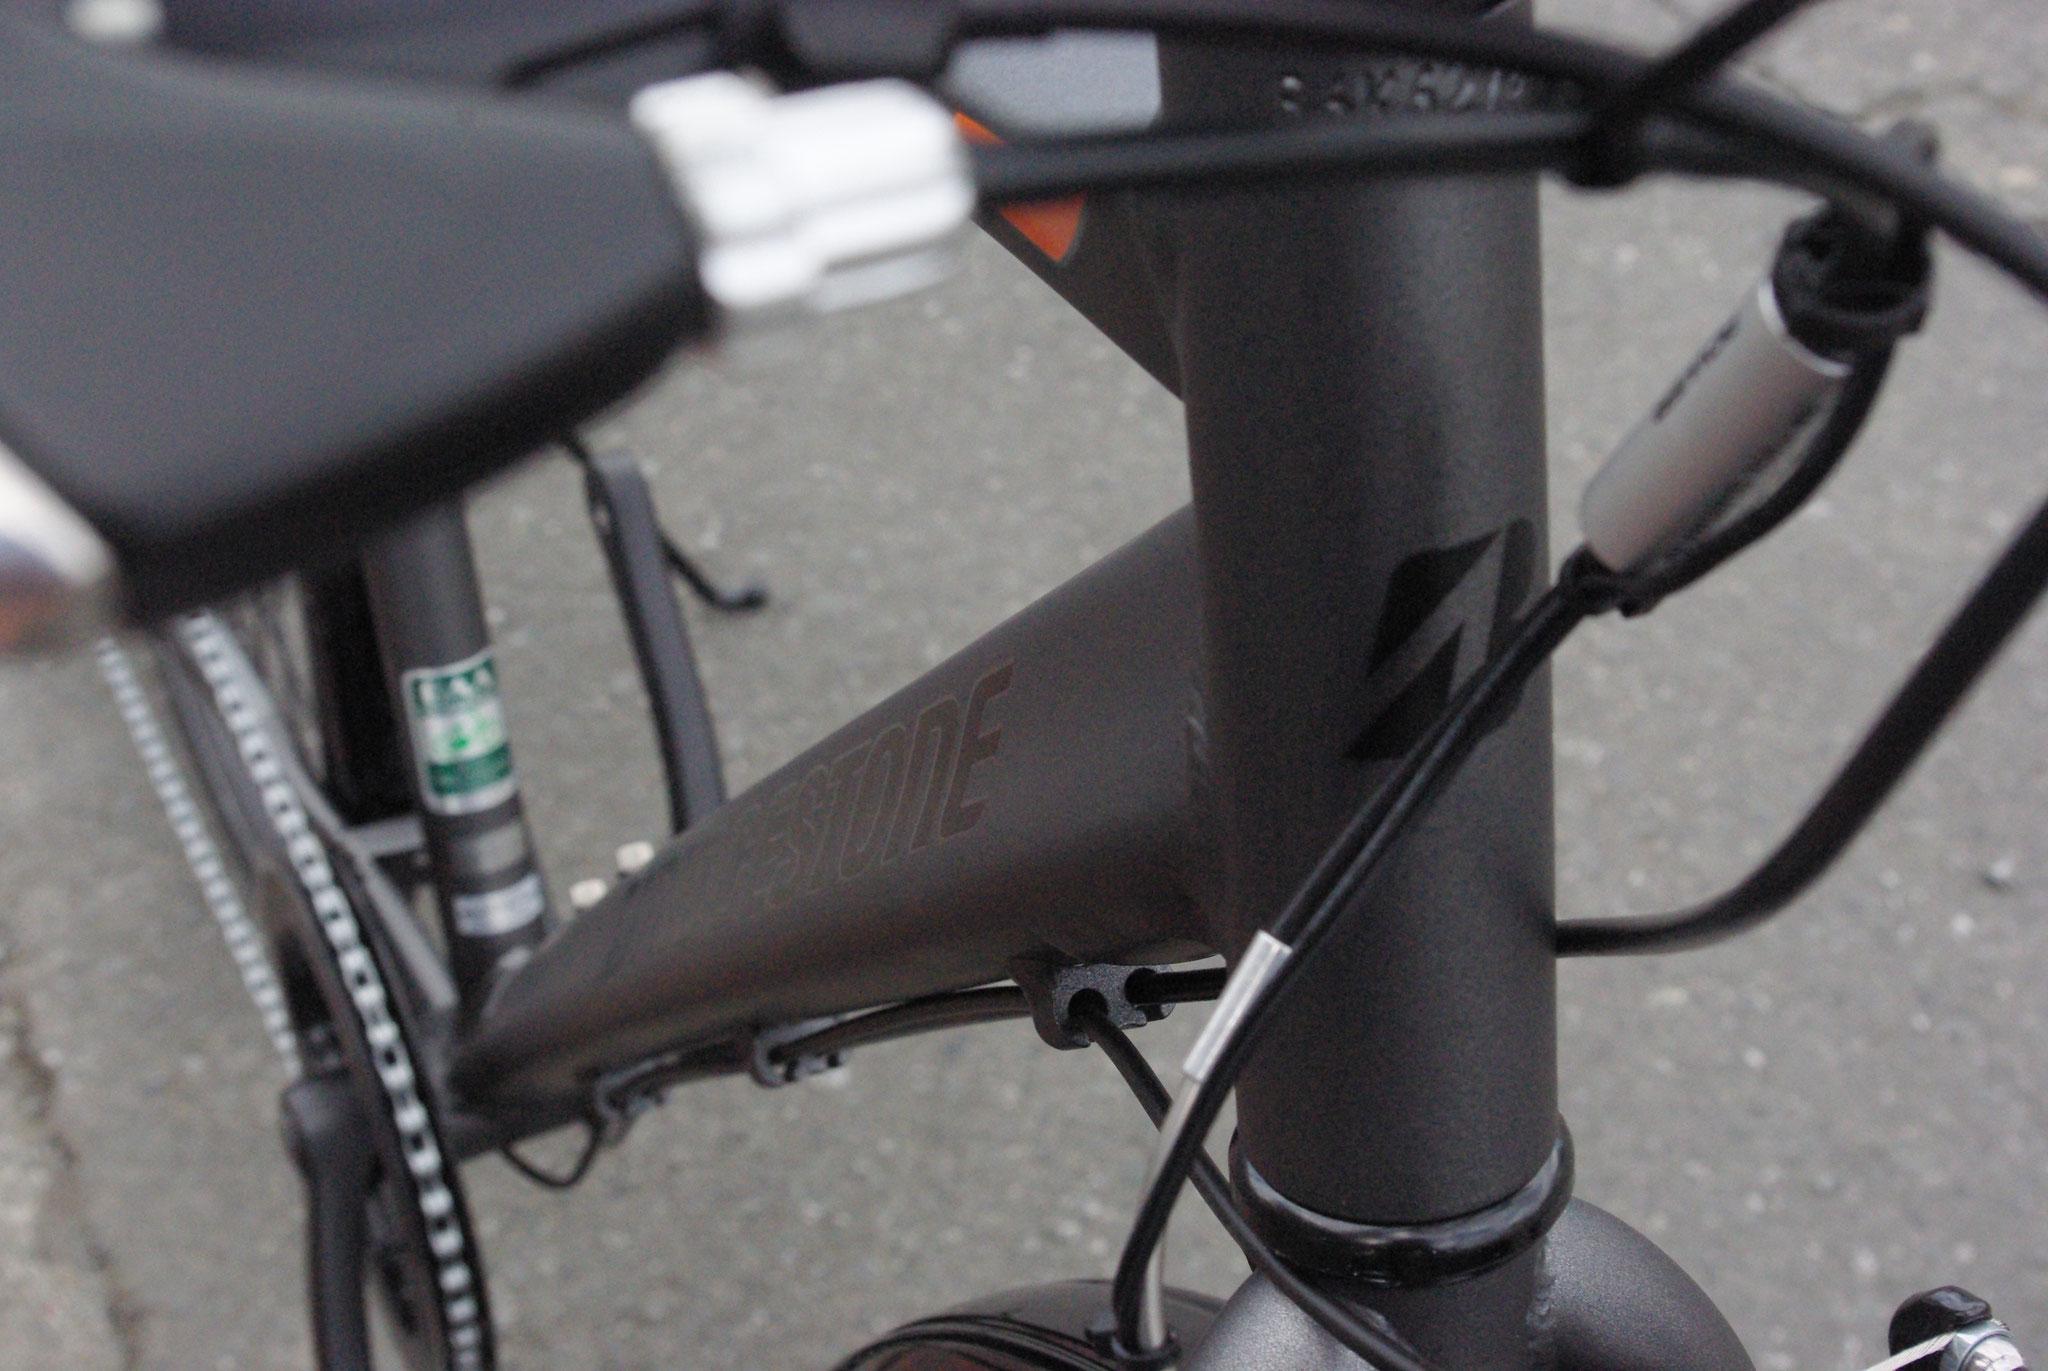 スポーツバイクに多く採用されているアルミニウム製フレーム。TIG溶接とよばれる製法で、軽量かつ堅牢なつくりです。